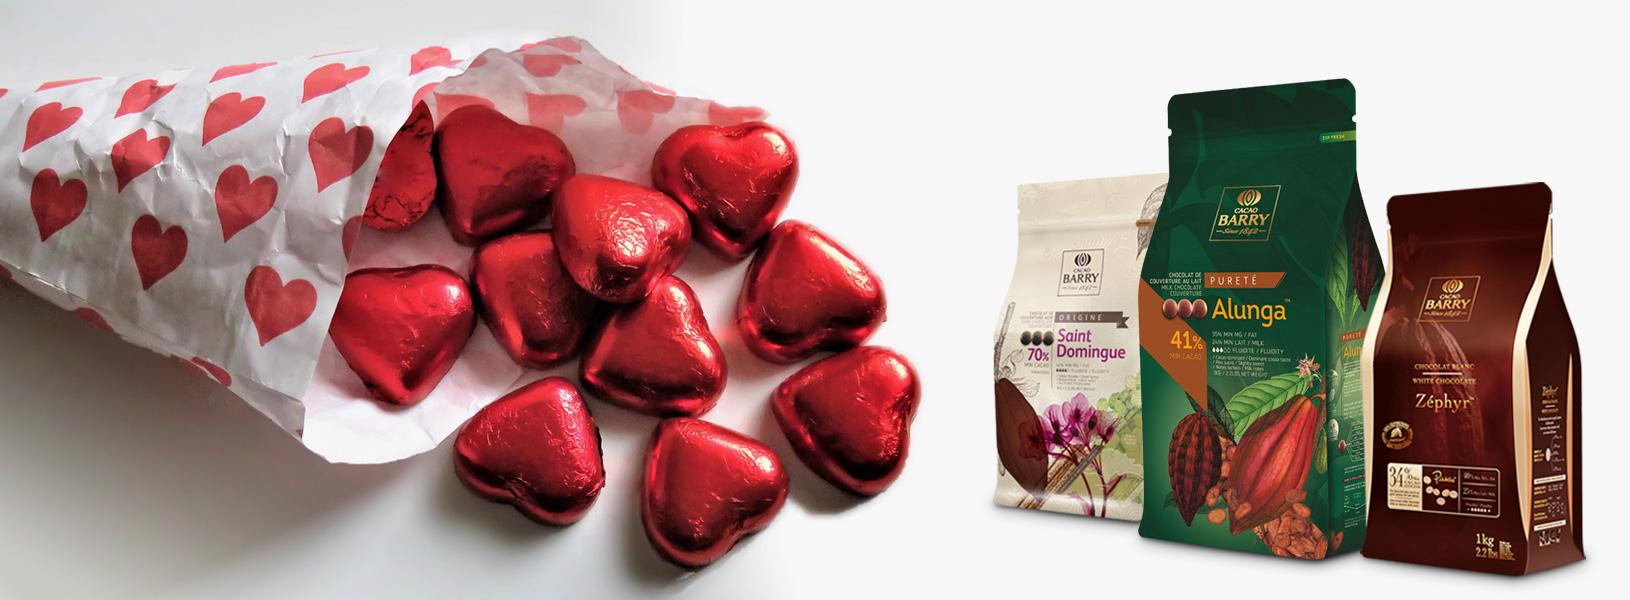 Chocolats de Couverture